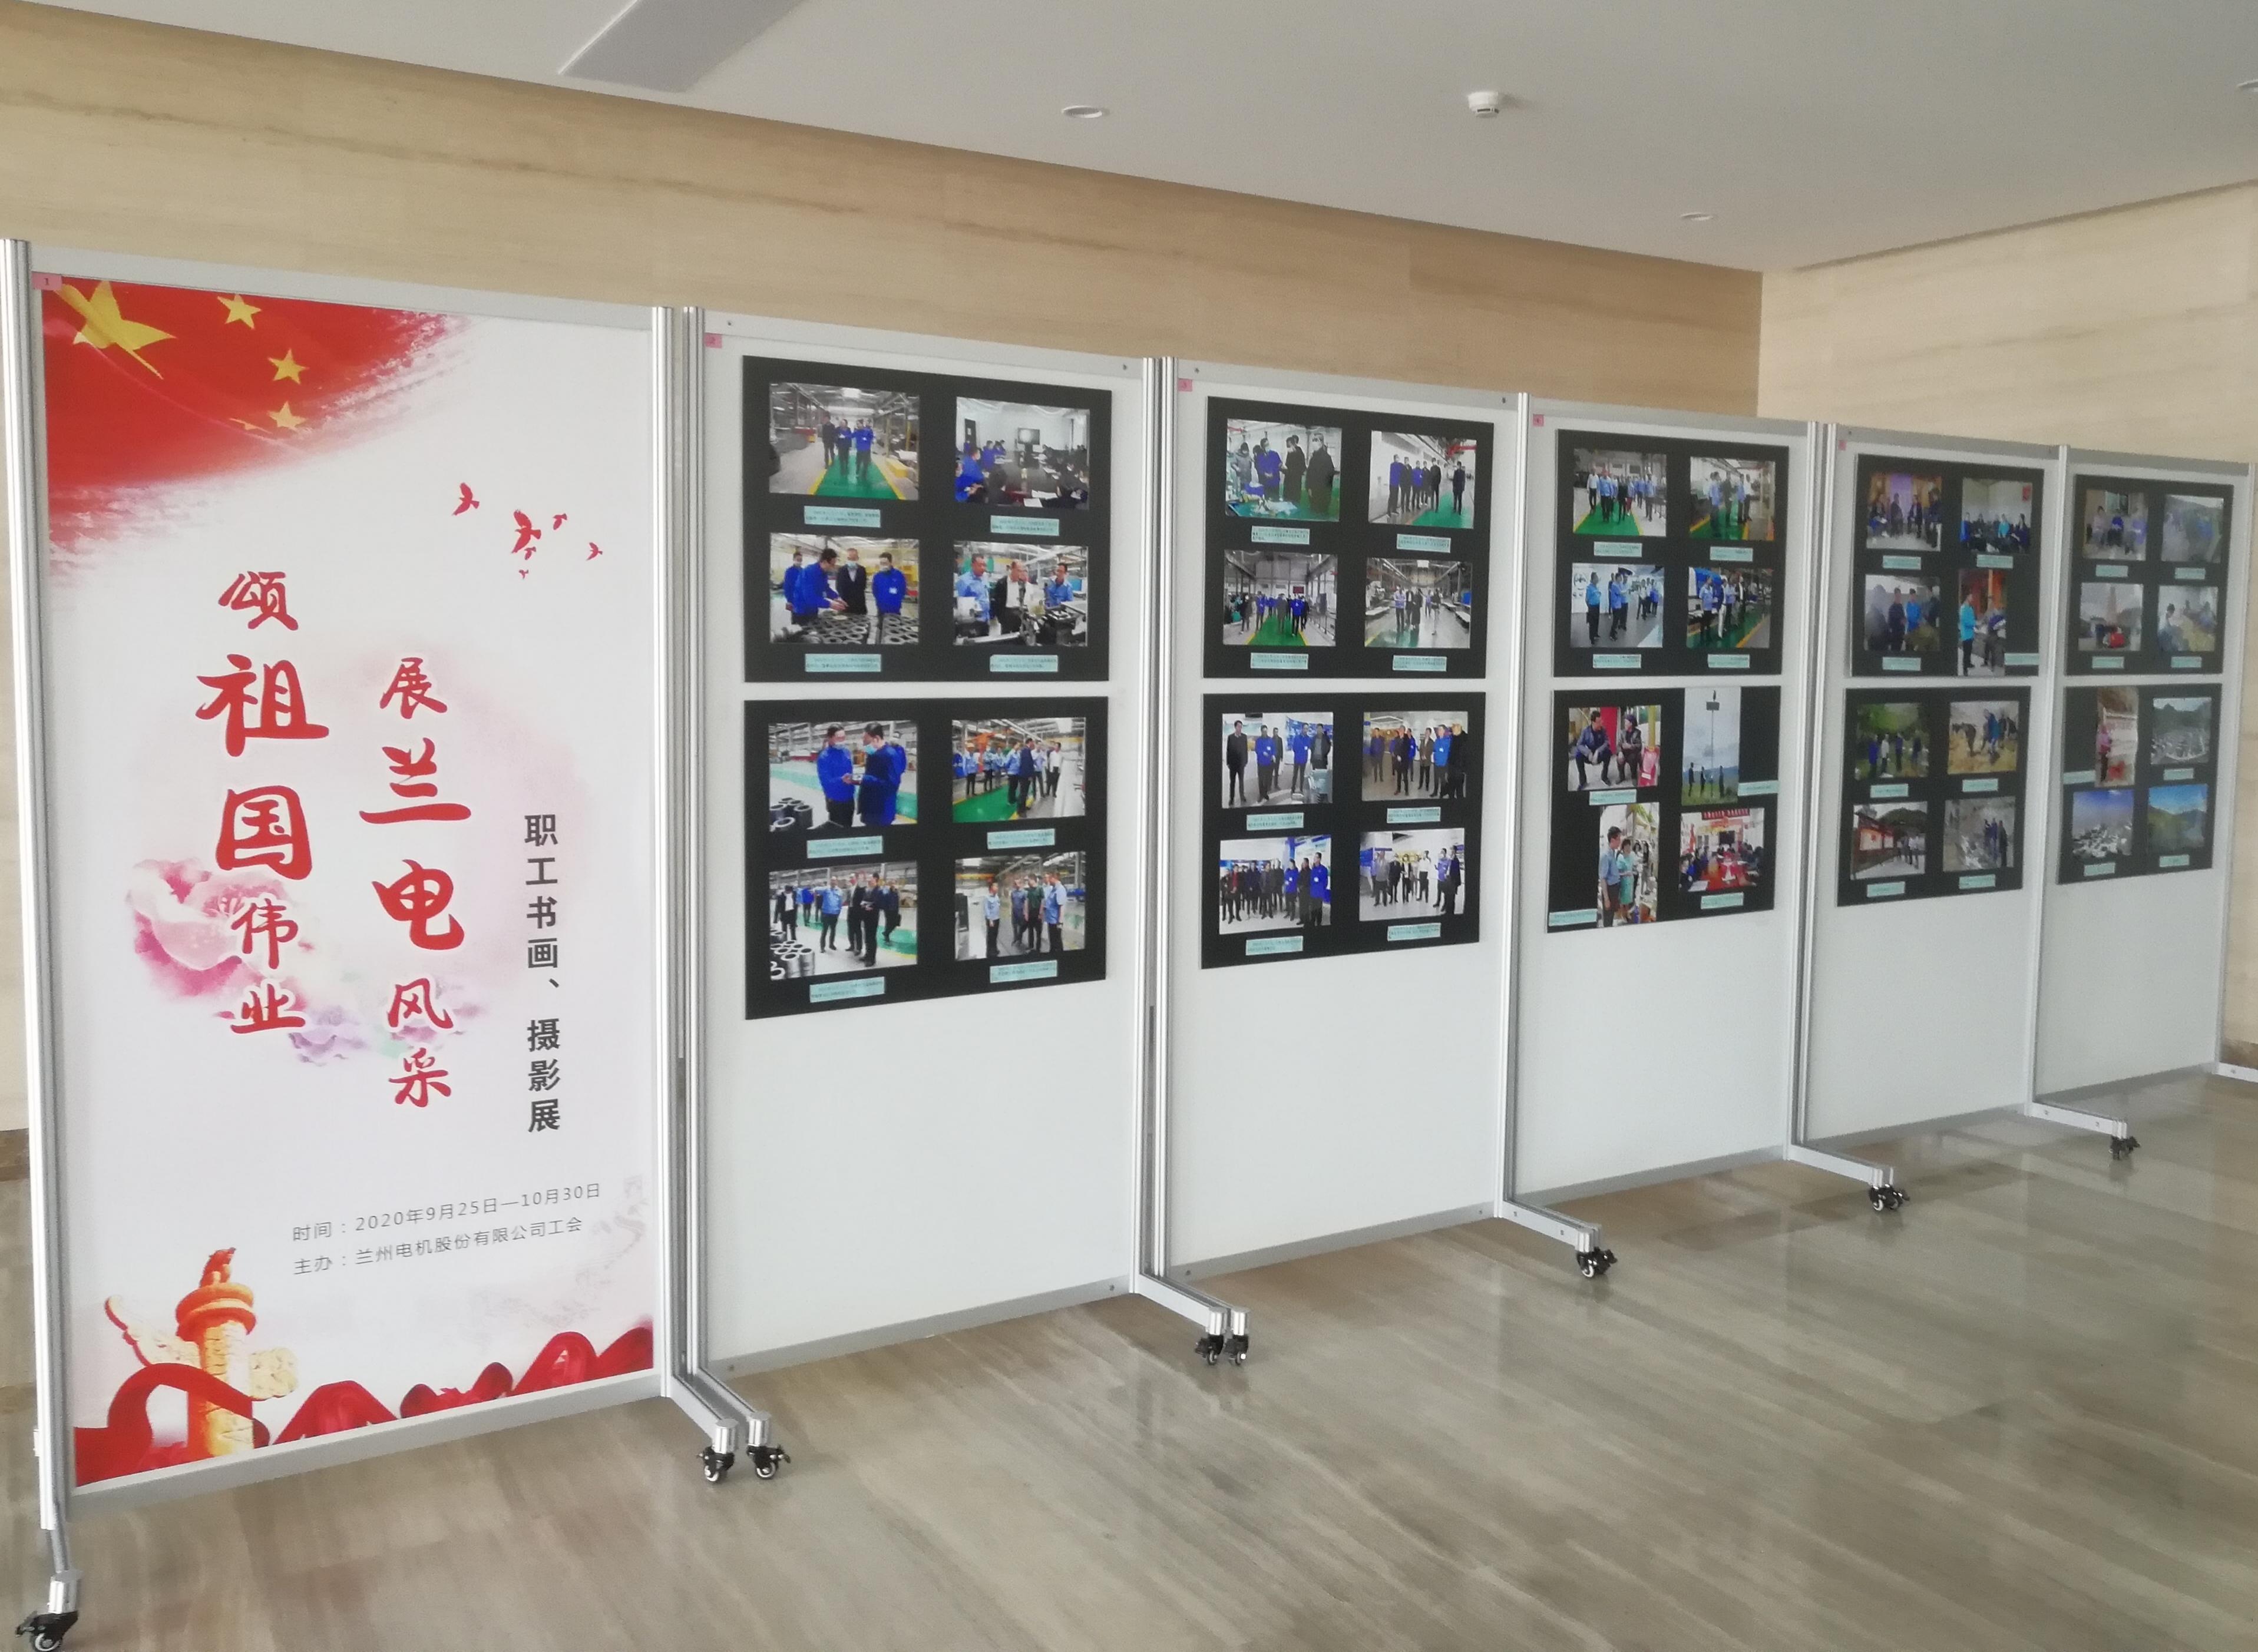 公司庆祝建国71周年职工书画、摄影展圆满结束